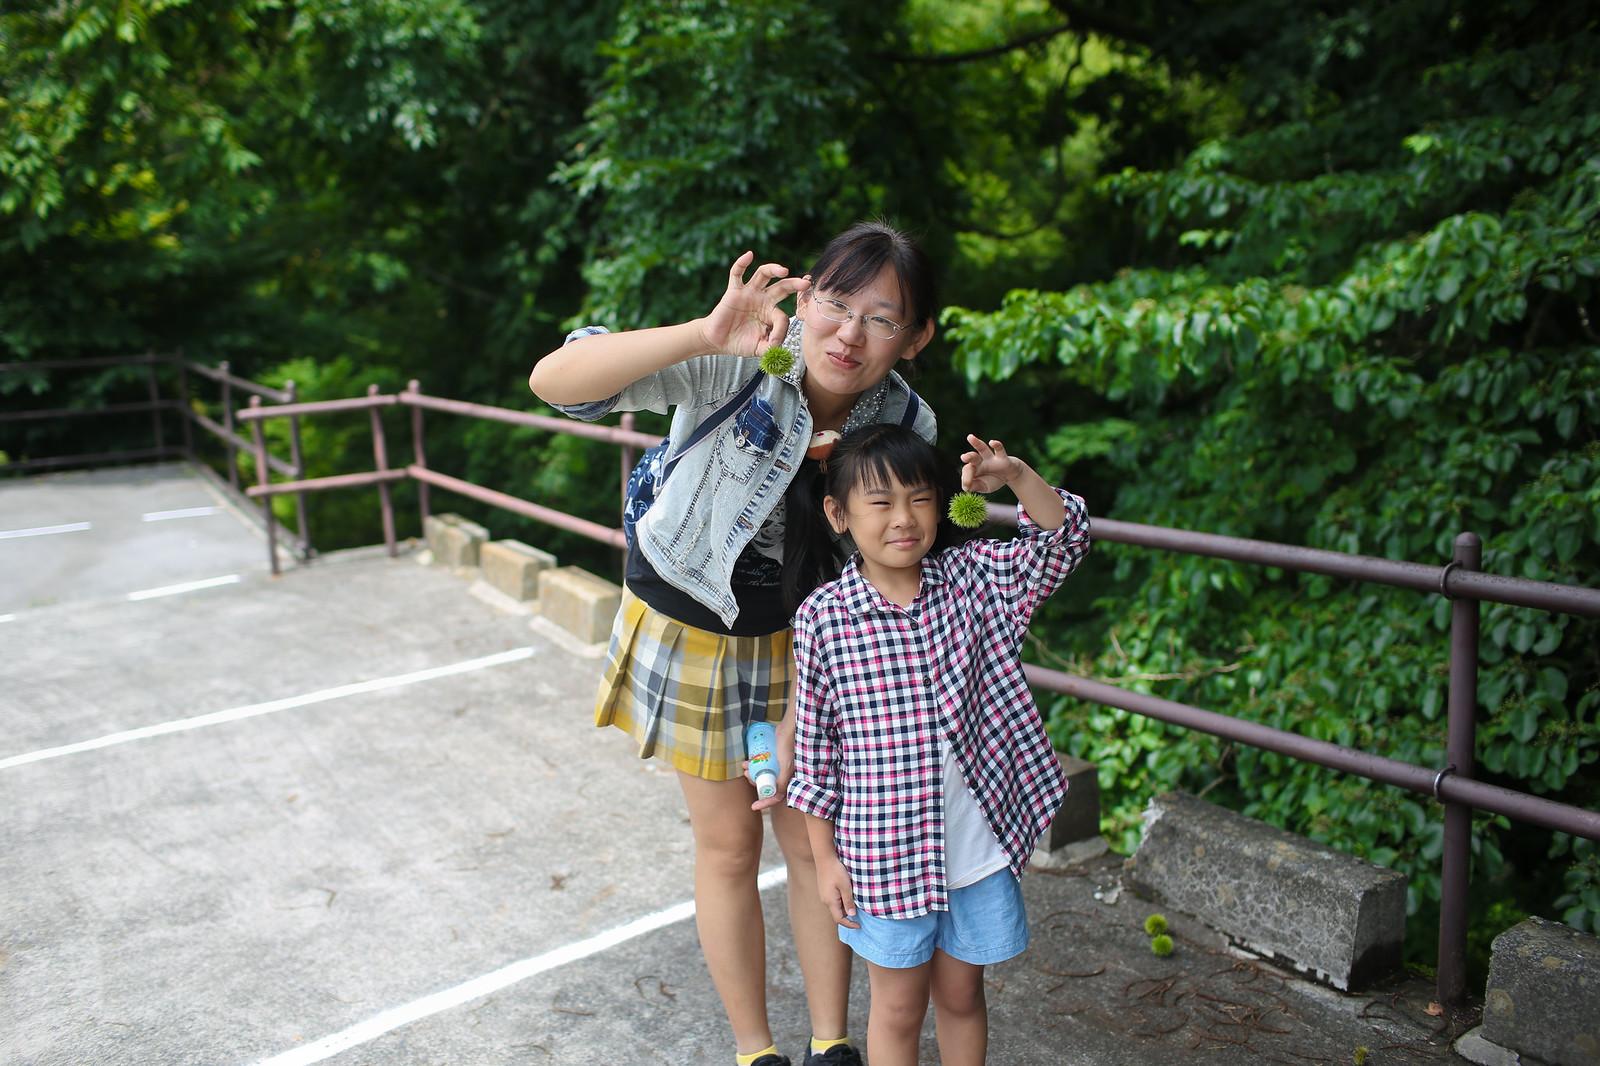 20170811-3P3C9454, Canon EOS 5D MARK III, Canon EF 35mm f/1.4L